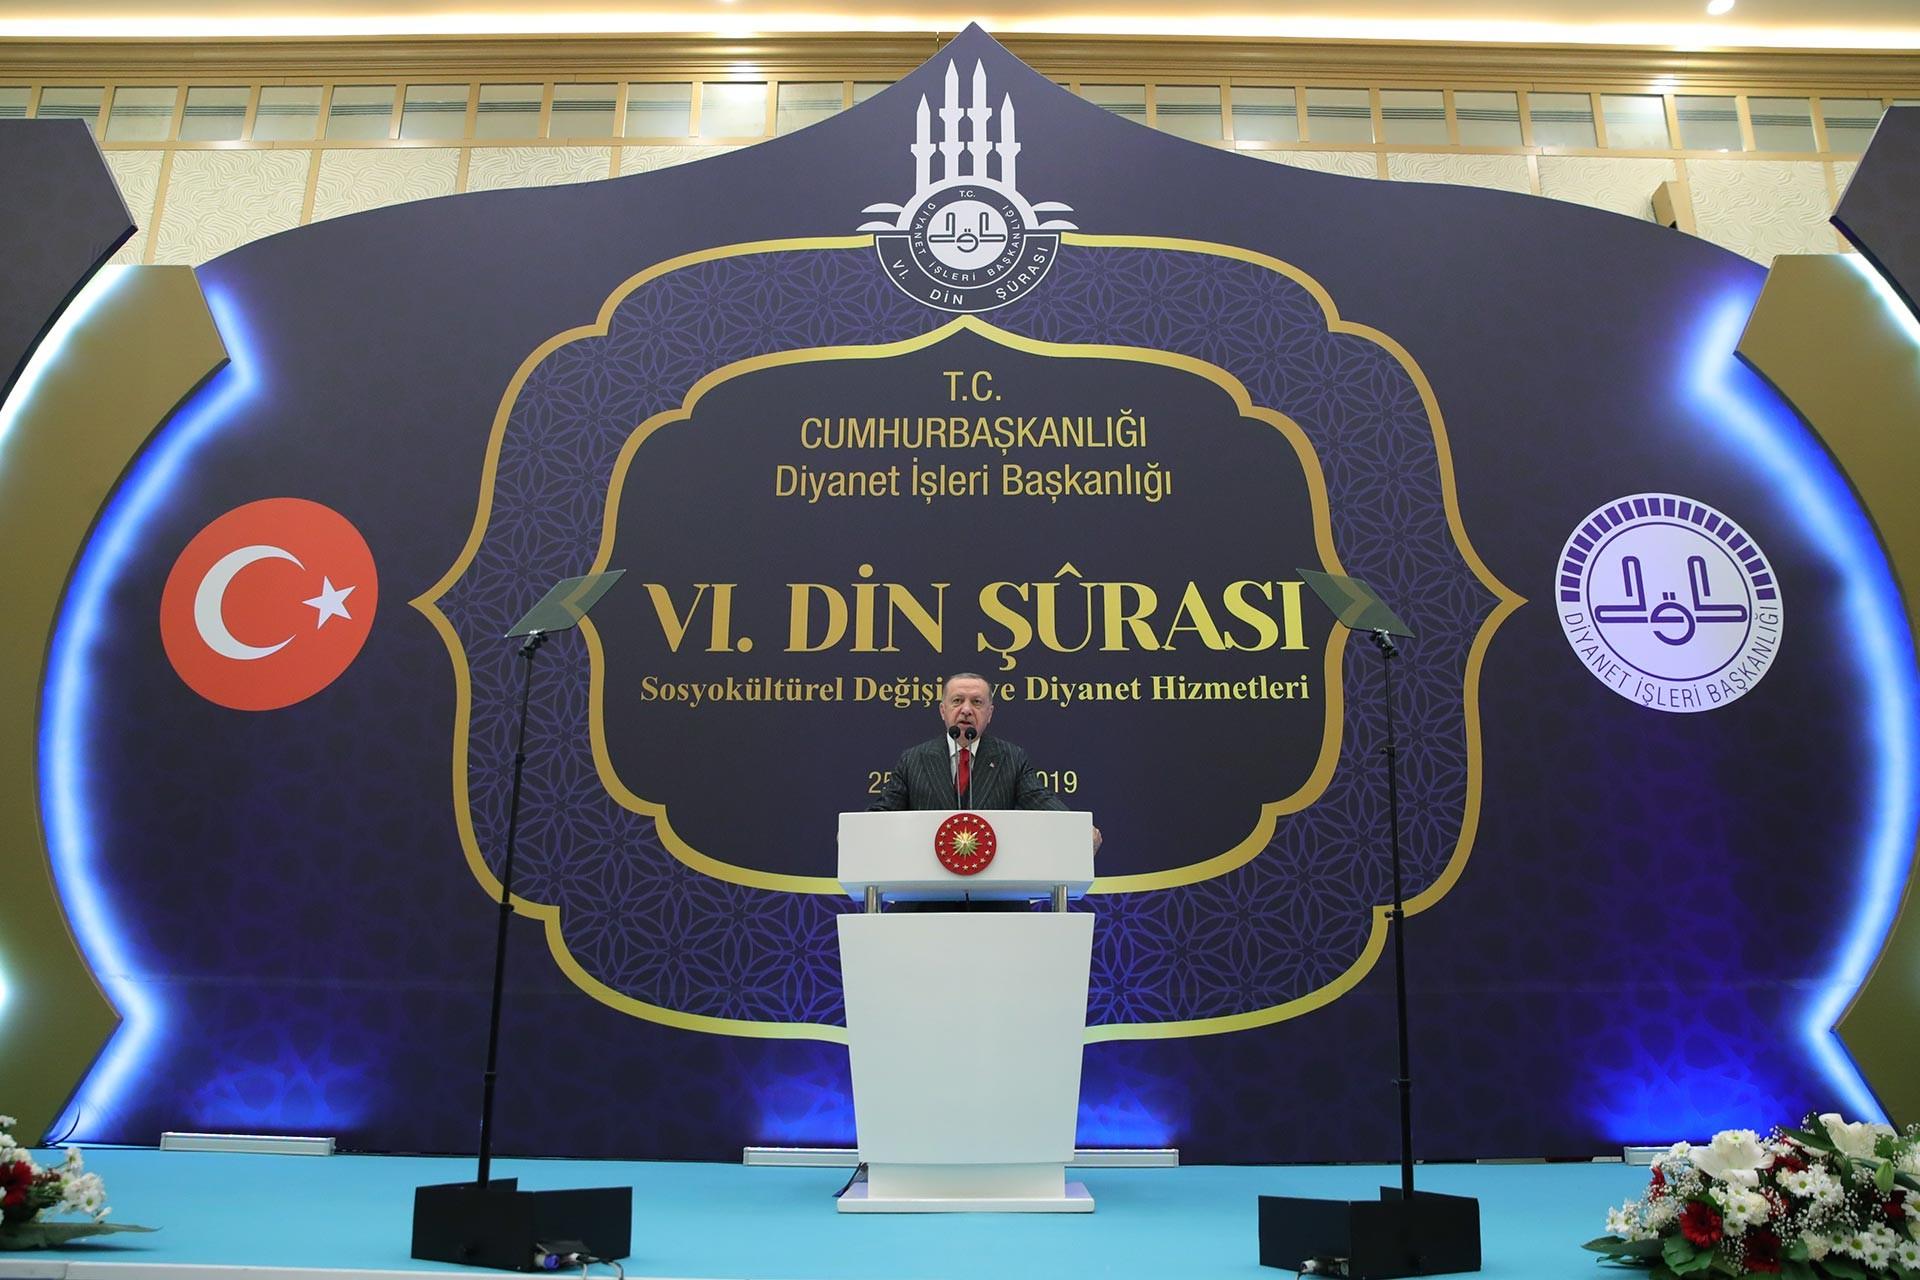 Cumhurbaşkanı Recep Tayyip Erdoğan, 6. Din Şurası Kapanış Programı'nda konuşurken